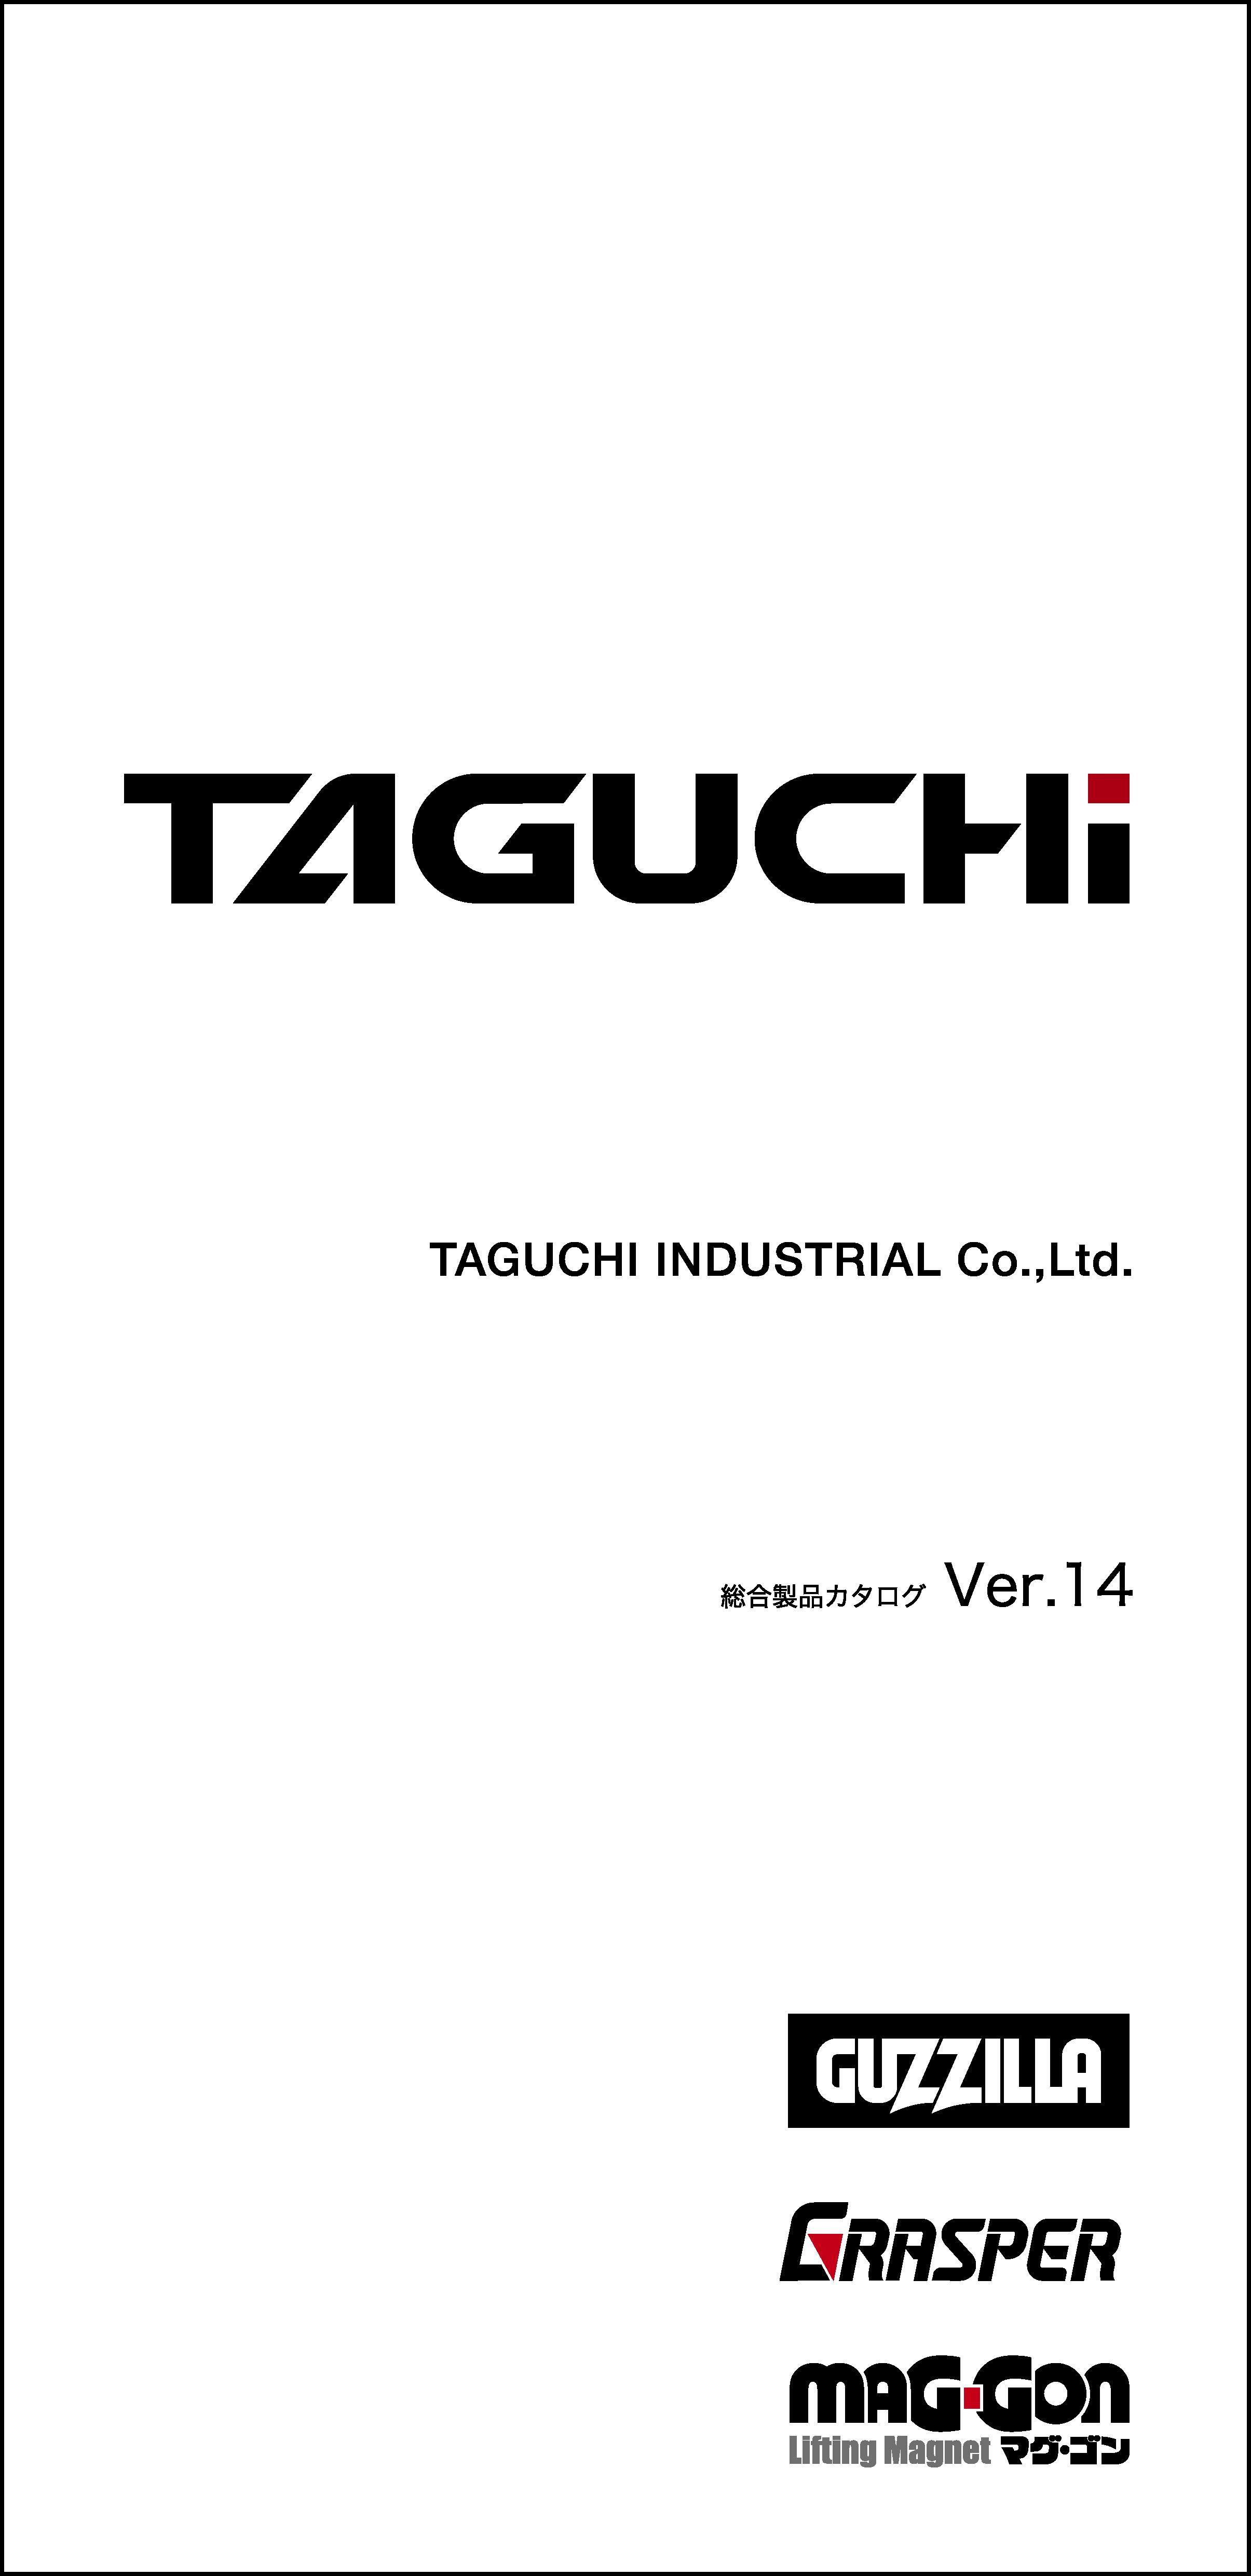 TAGUCHI_sogocat_vol14_2004_h1